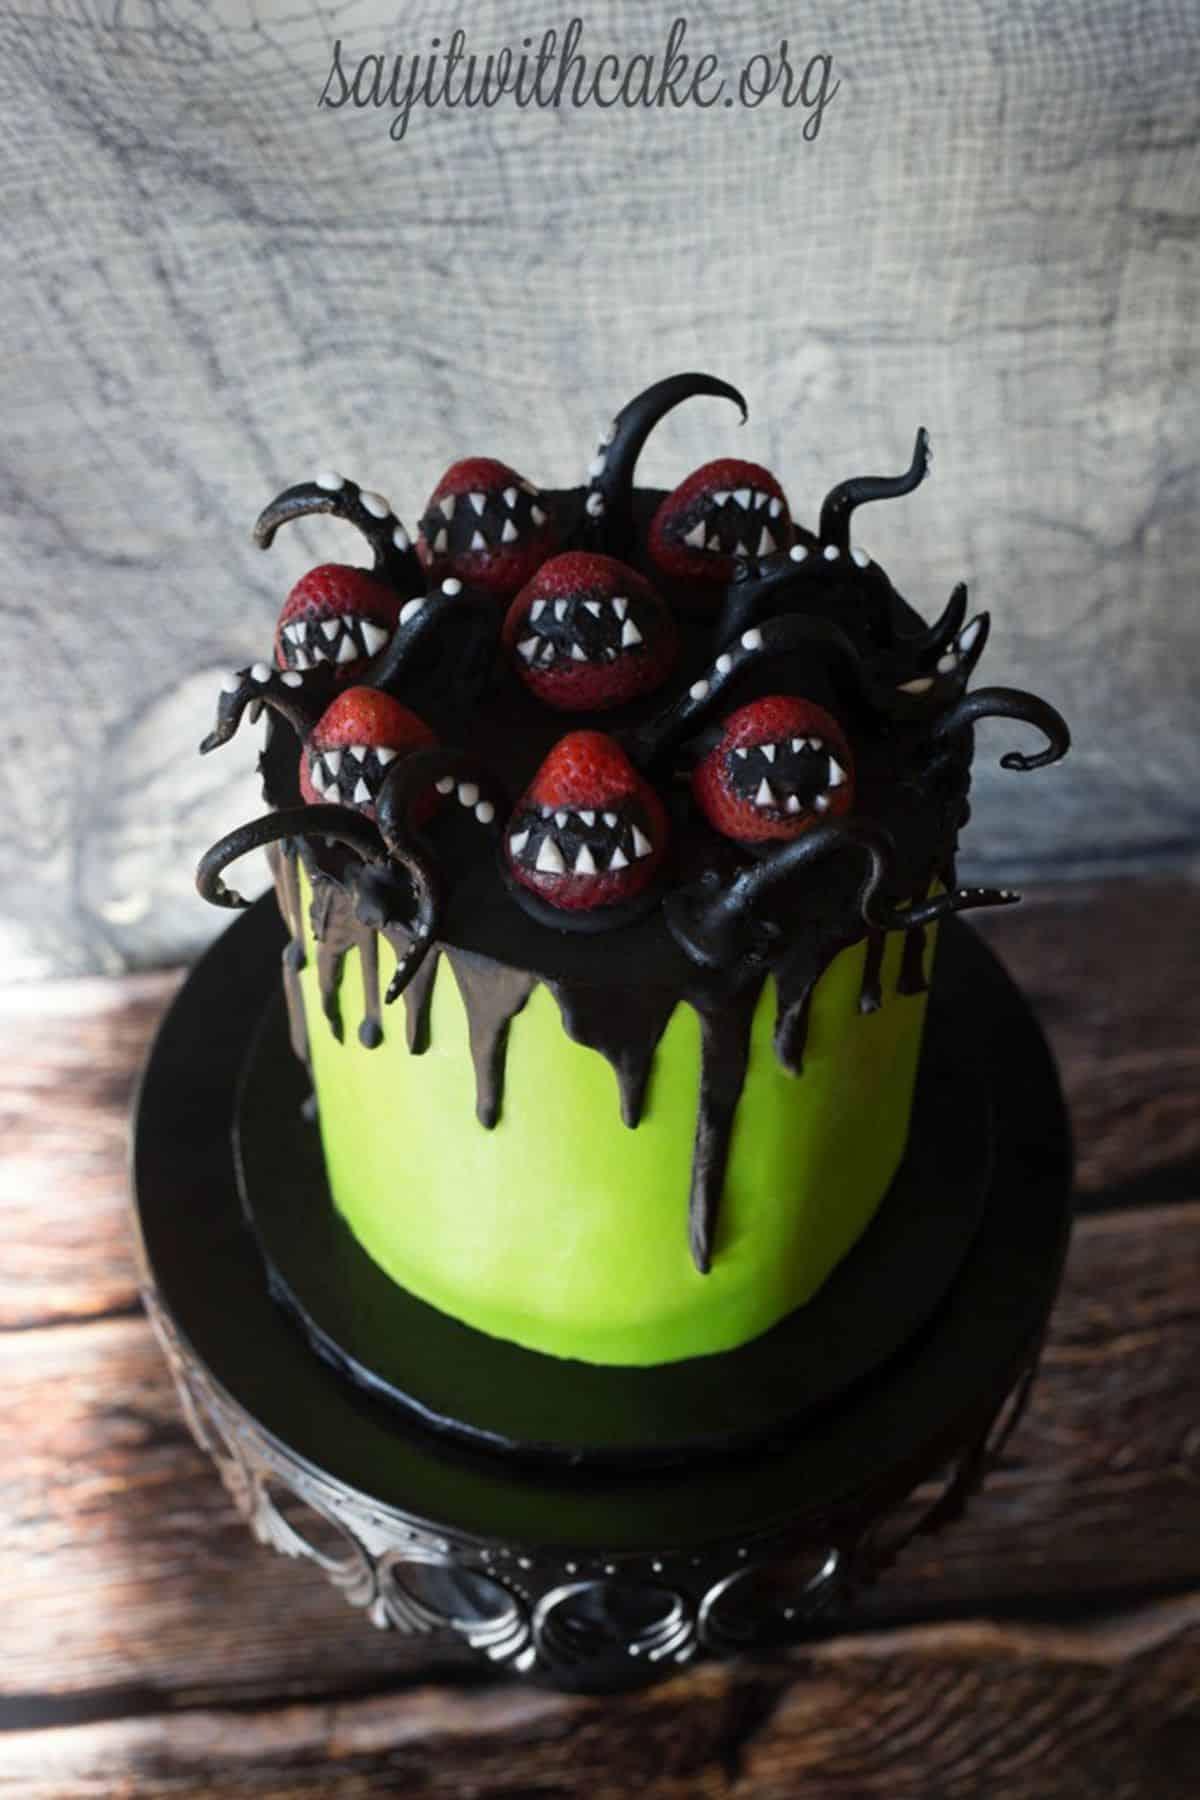 Strawberry monster cake